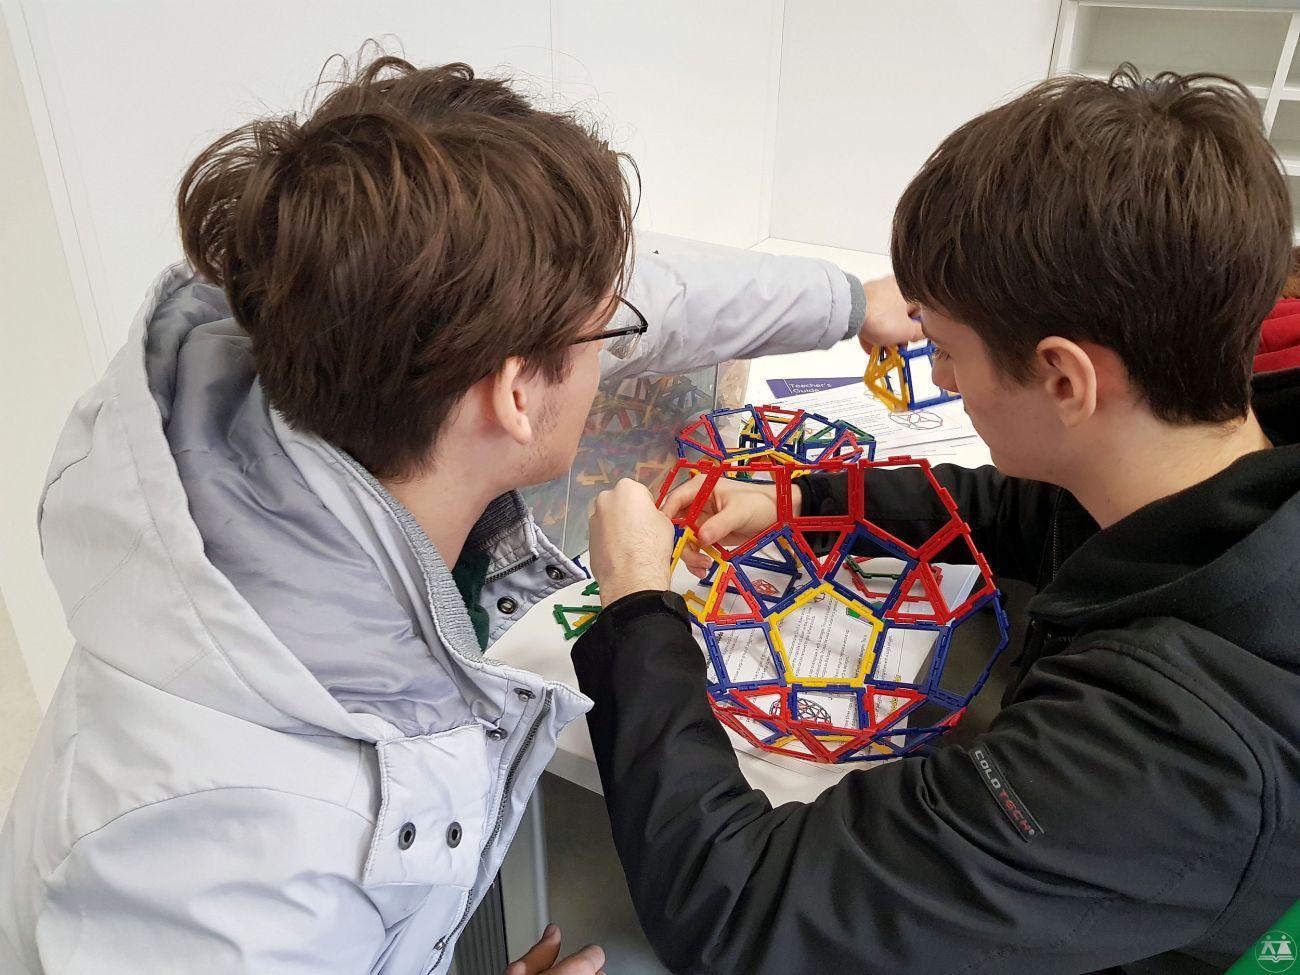 Hisa-poliedrov-drzavni-zbor-hisa-iluzij-019